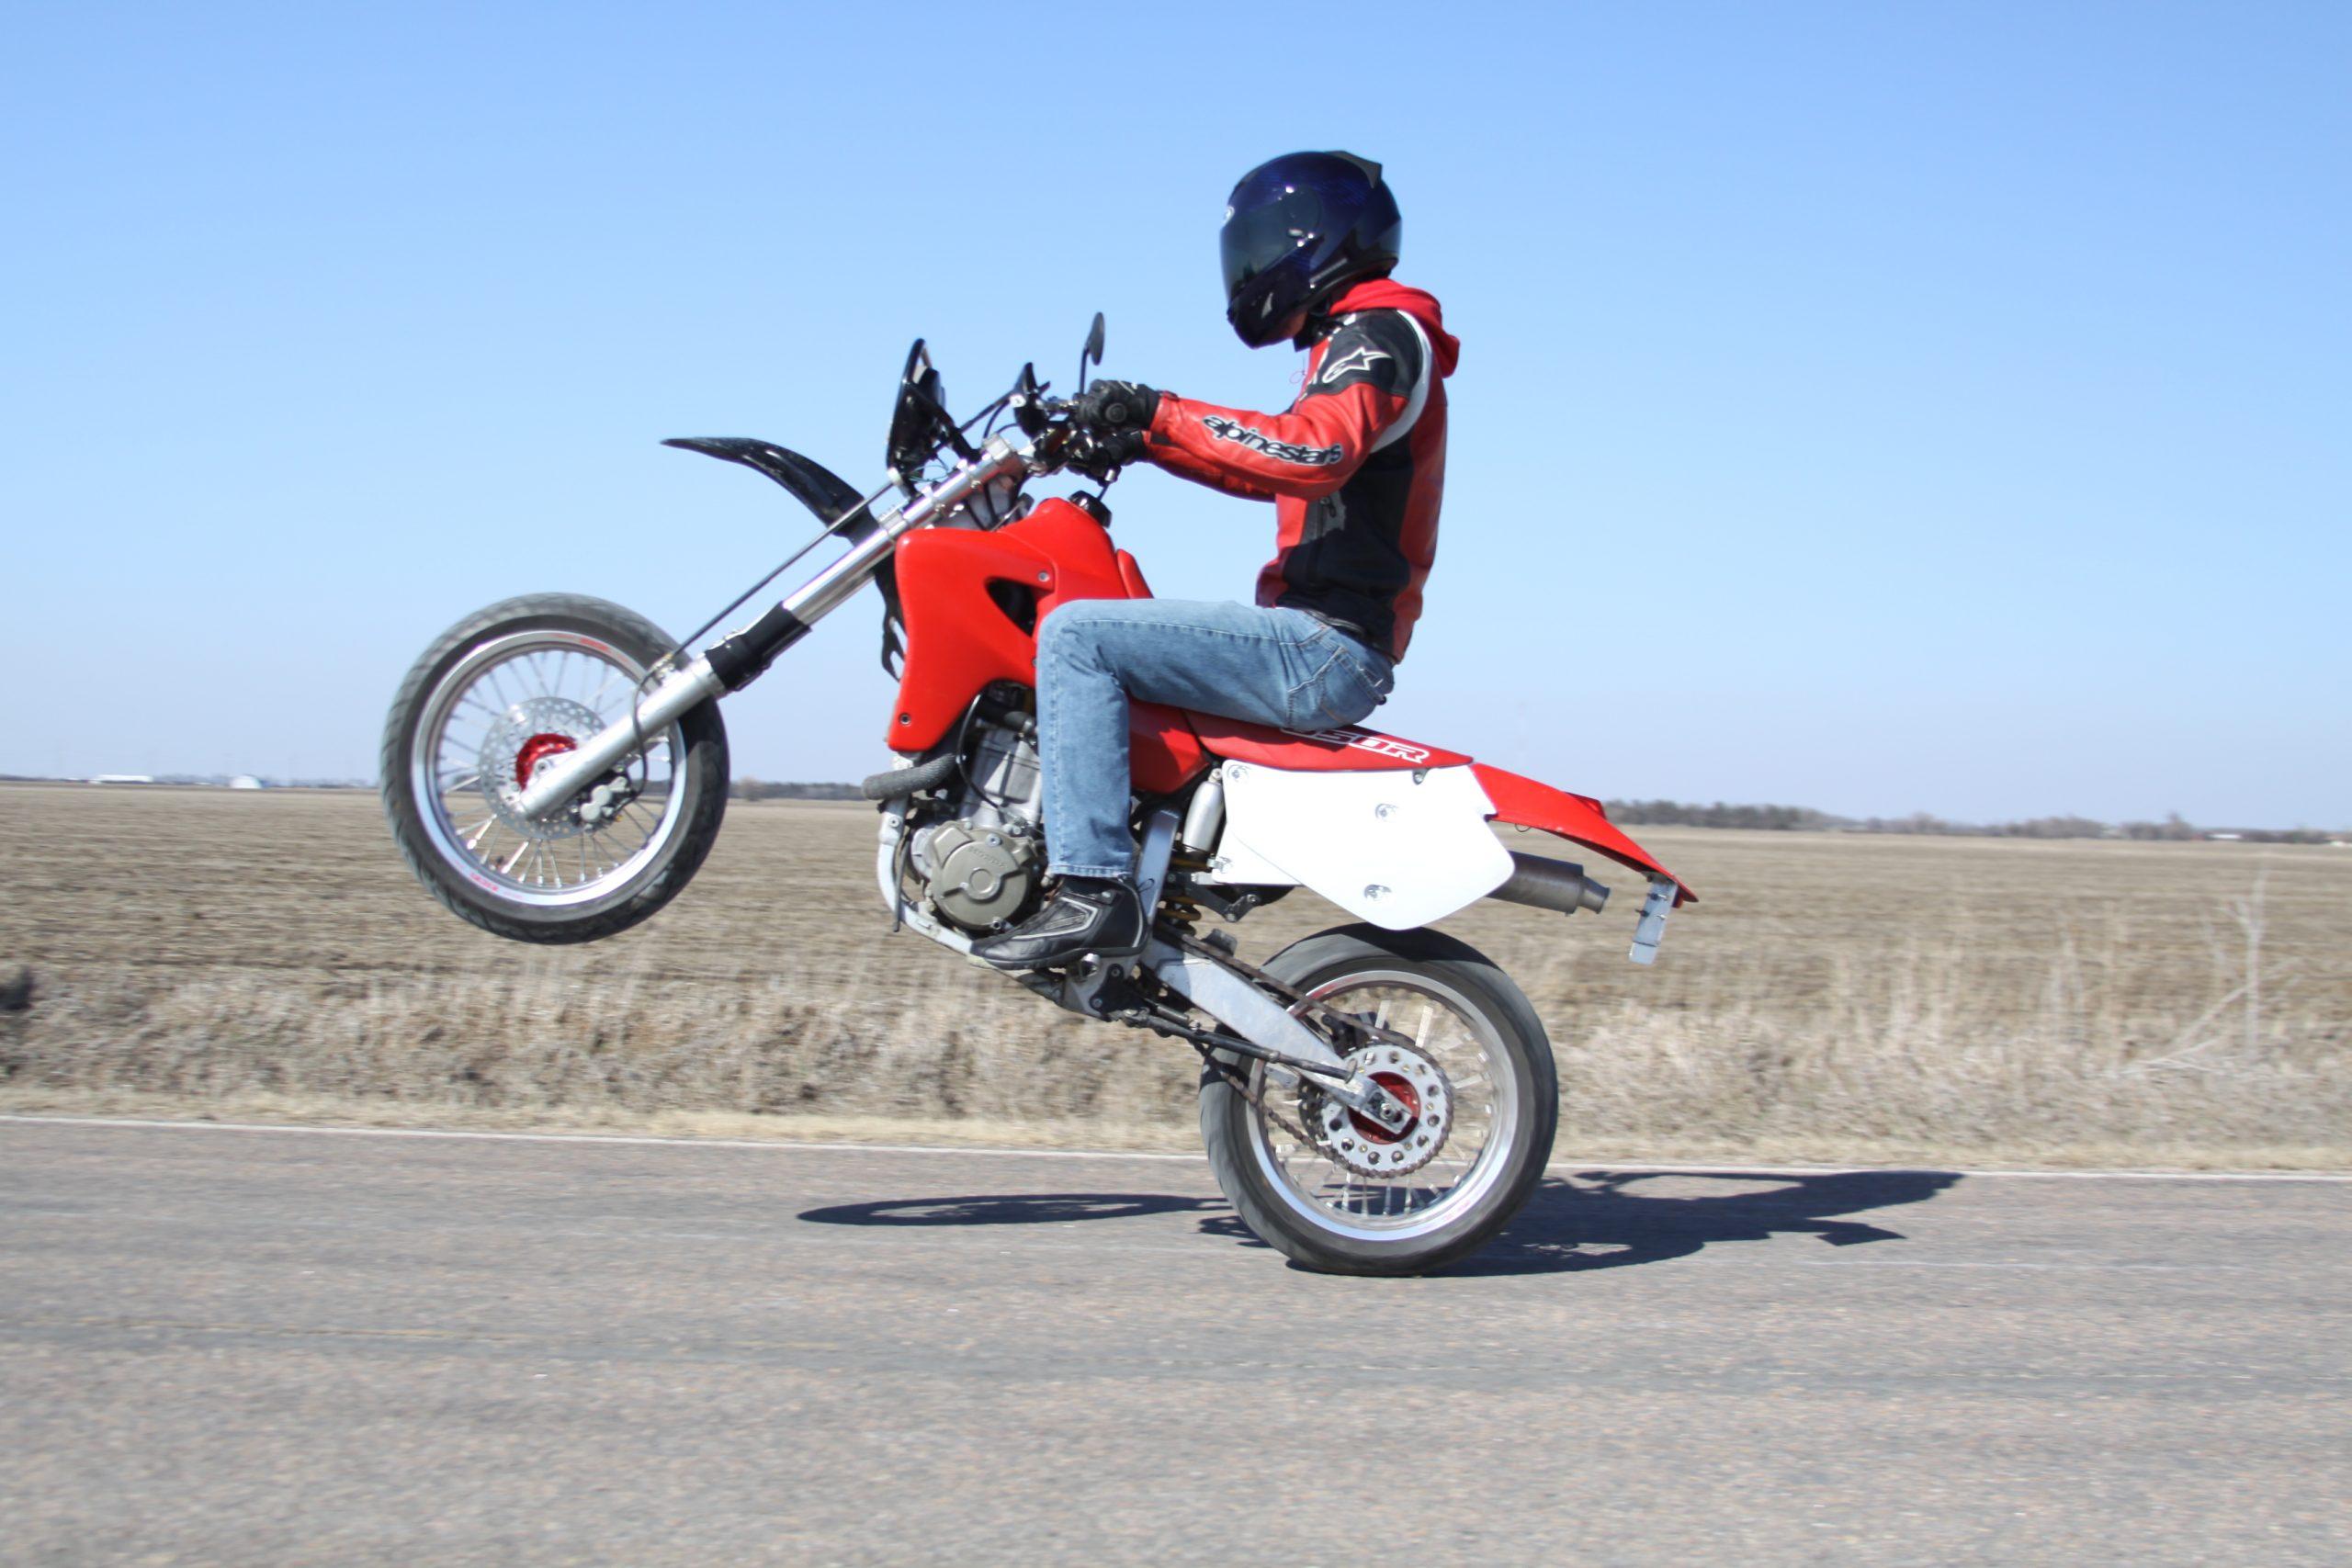 XR650R supermoto wheelie